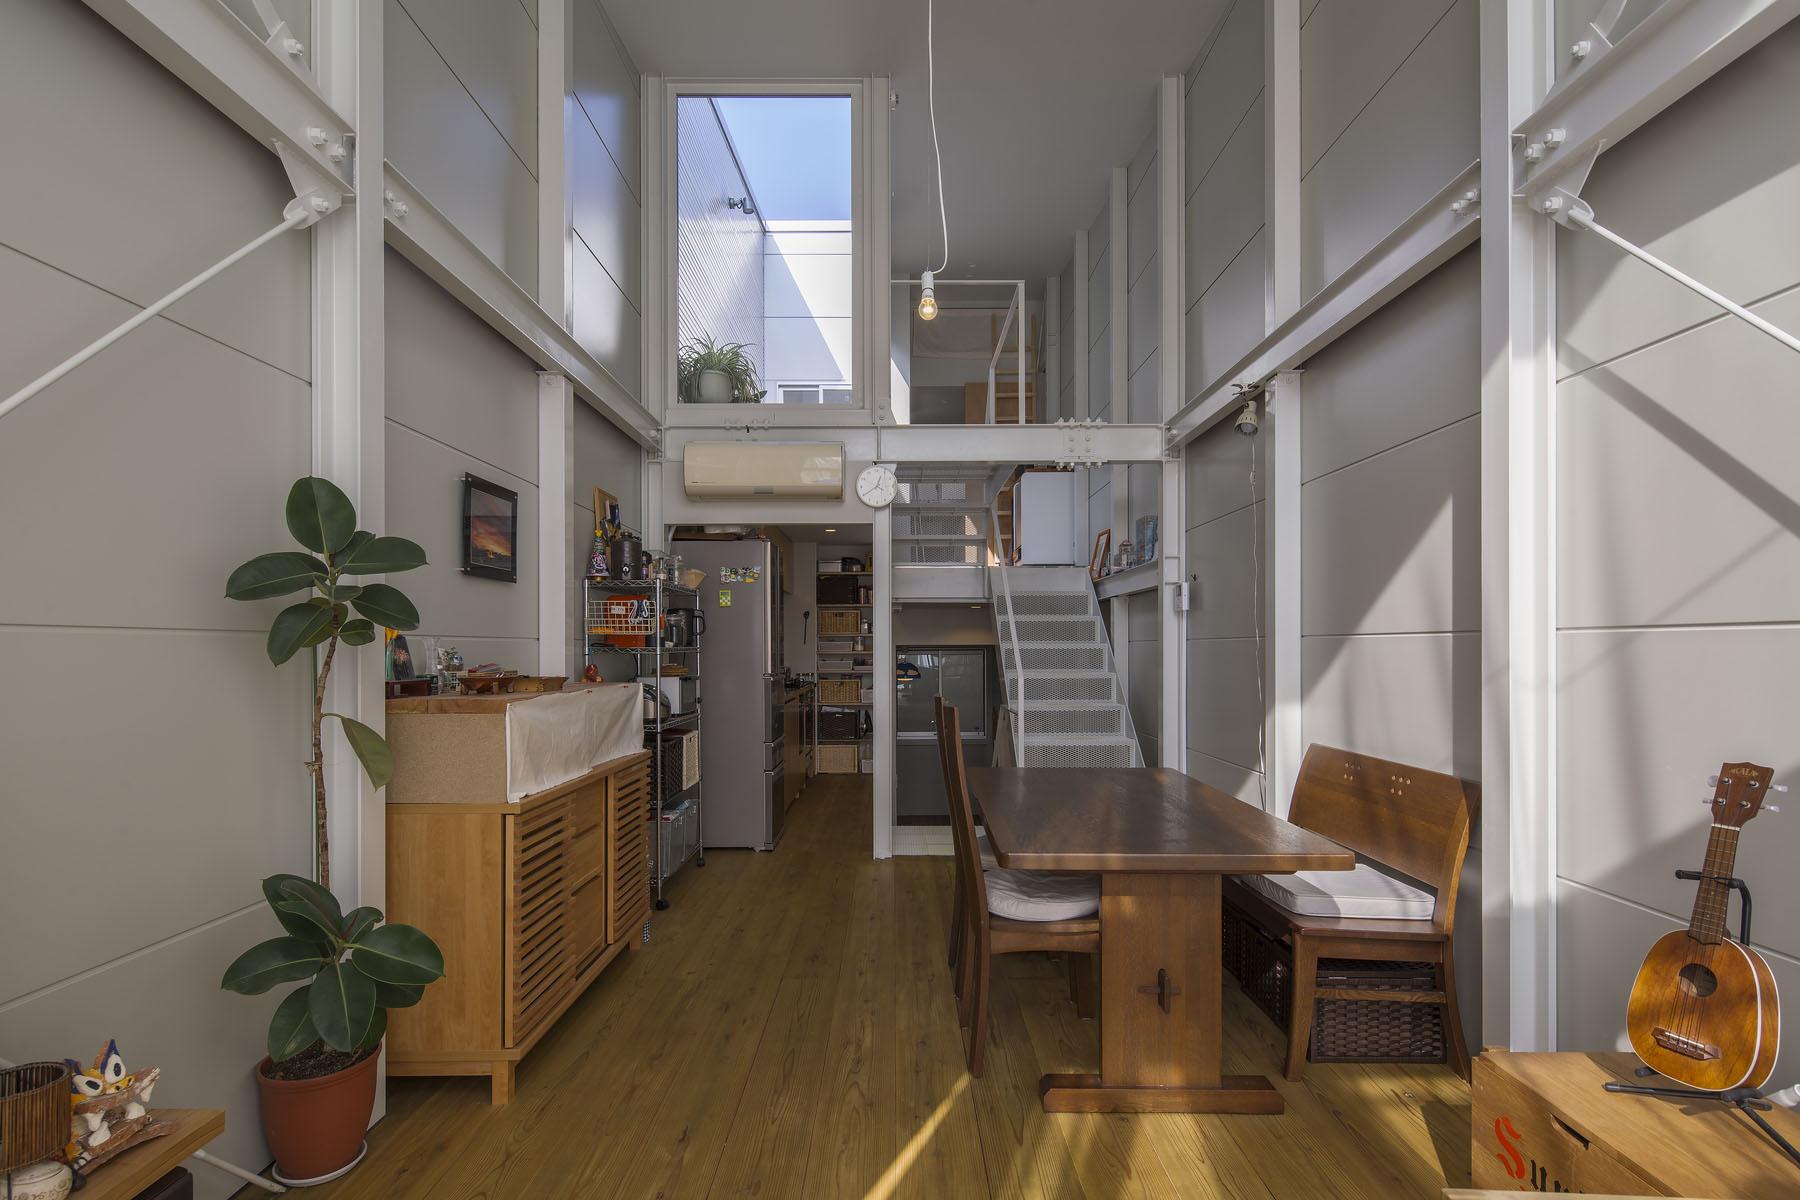 『』の家|鉄骨造の狭小スキップフロアガレージハウス